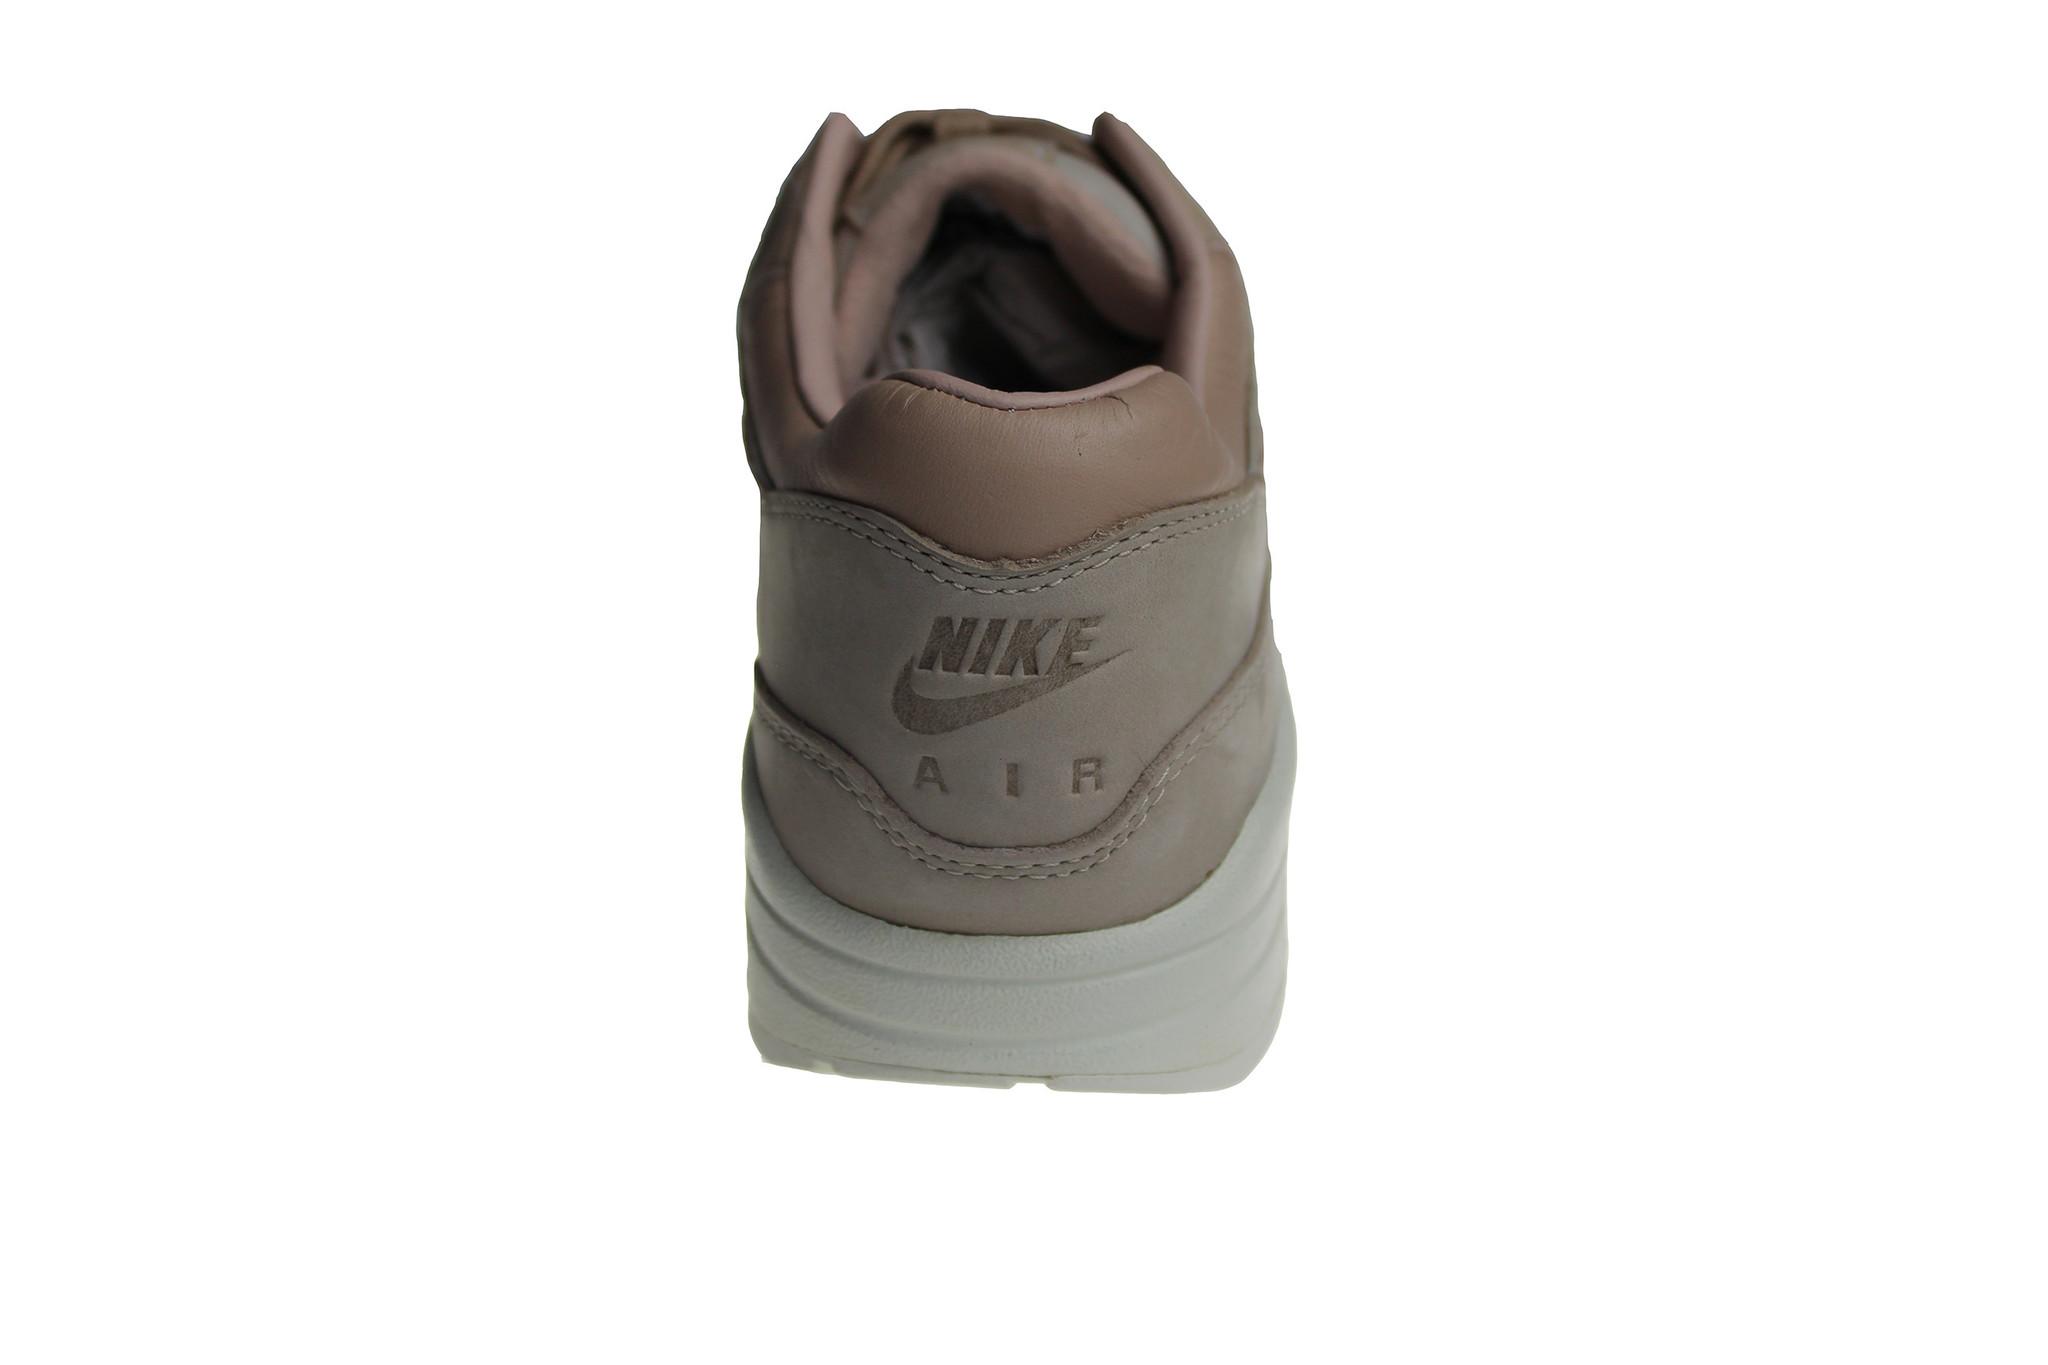 NikeLab Nike Air Max 1 Pinnacle (Exclusive) 859554 201 Men's Sneakers